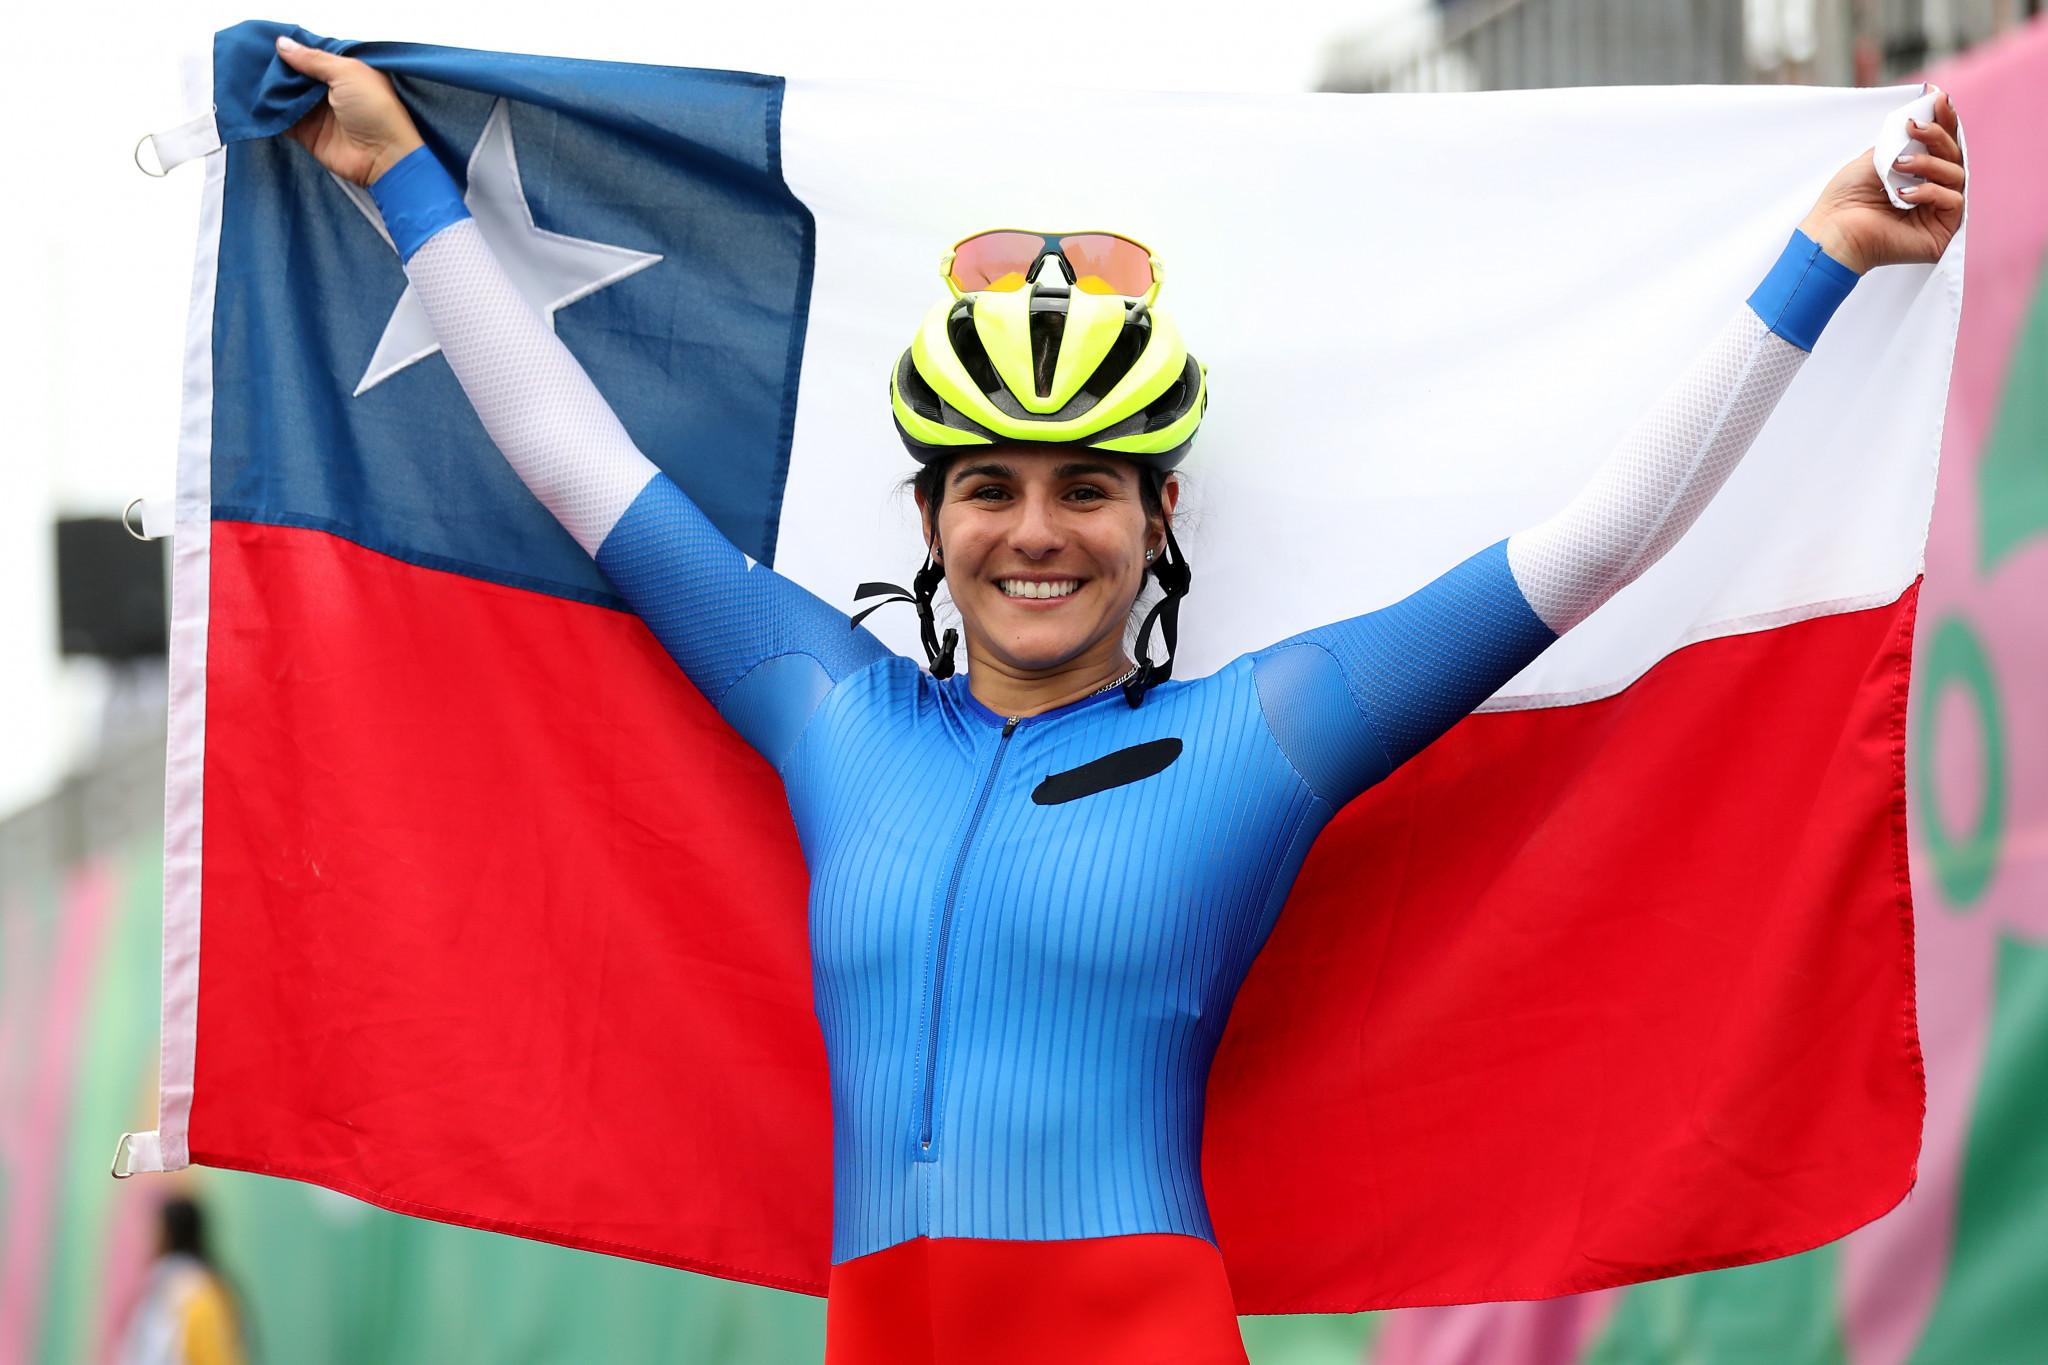 Se cree que el apartado de apoyo facilitará la victoria de Chile en Santiago 2023 © Getty Images